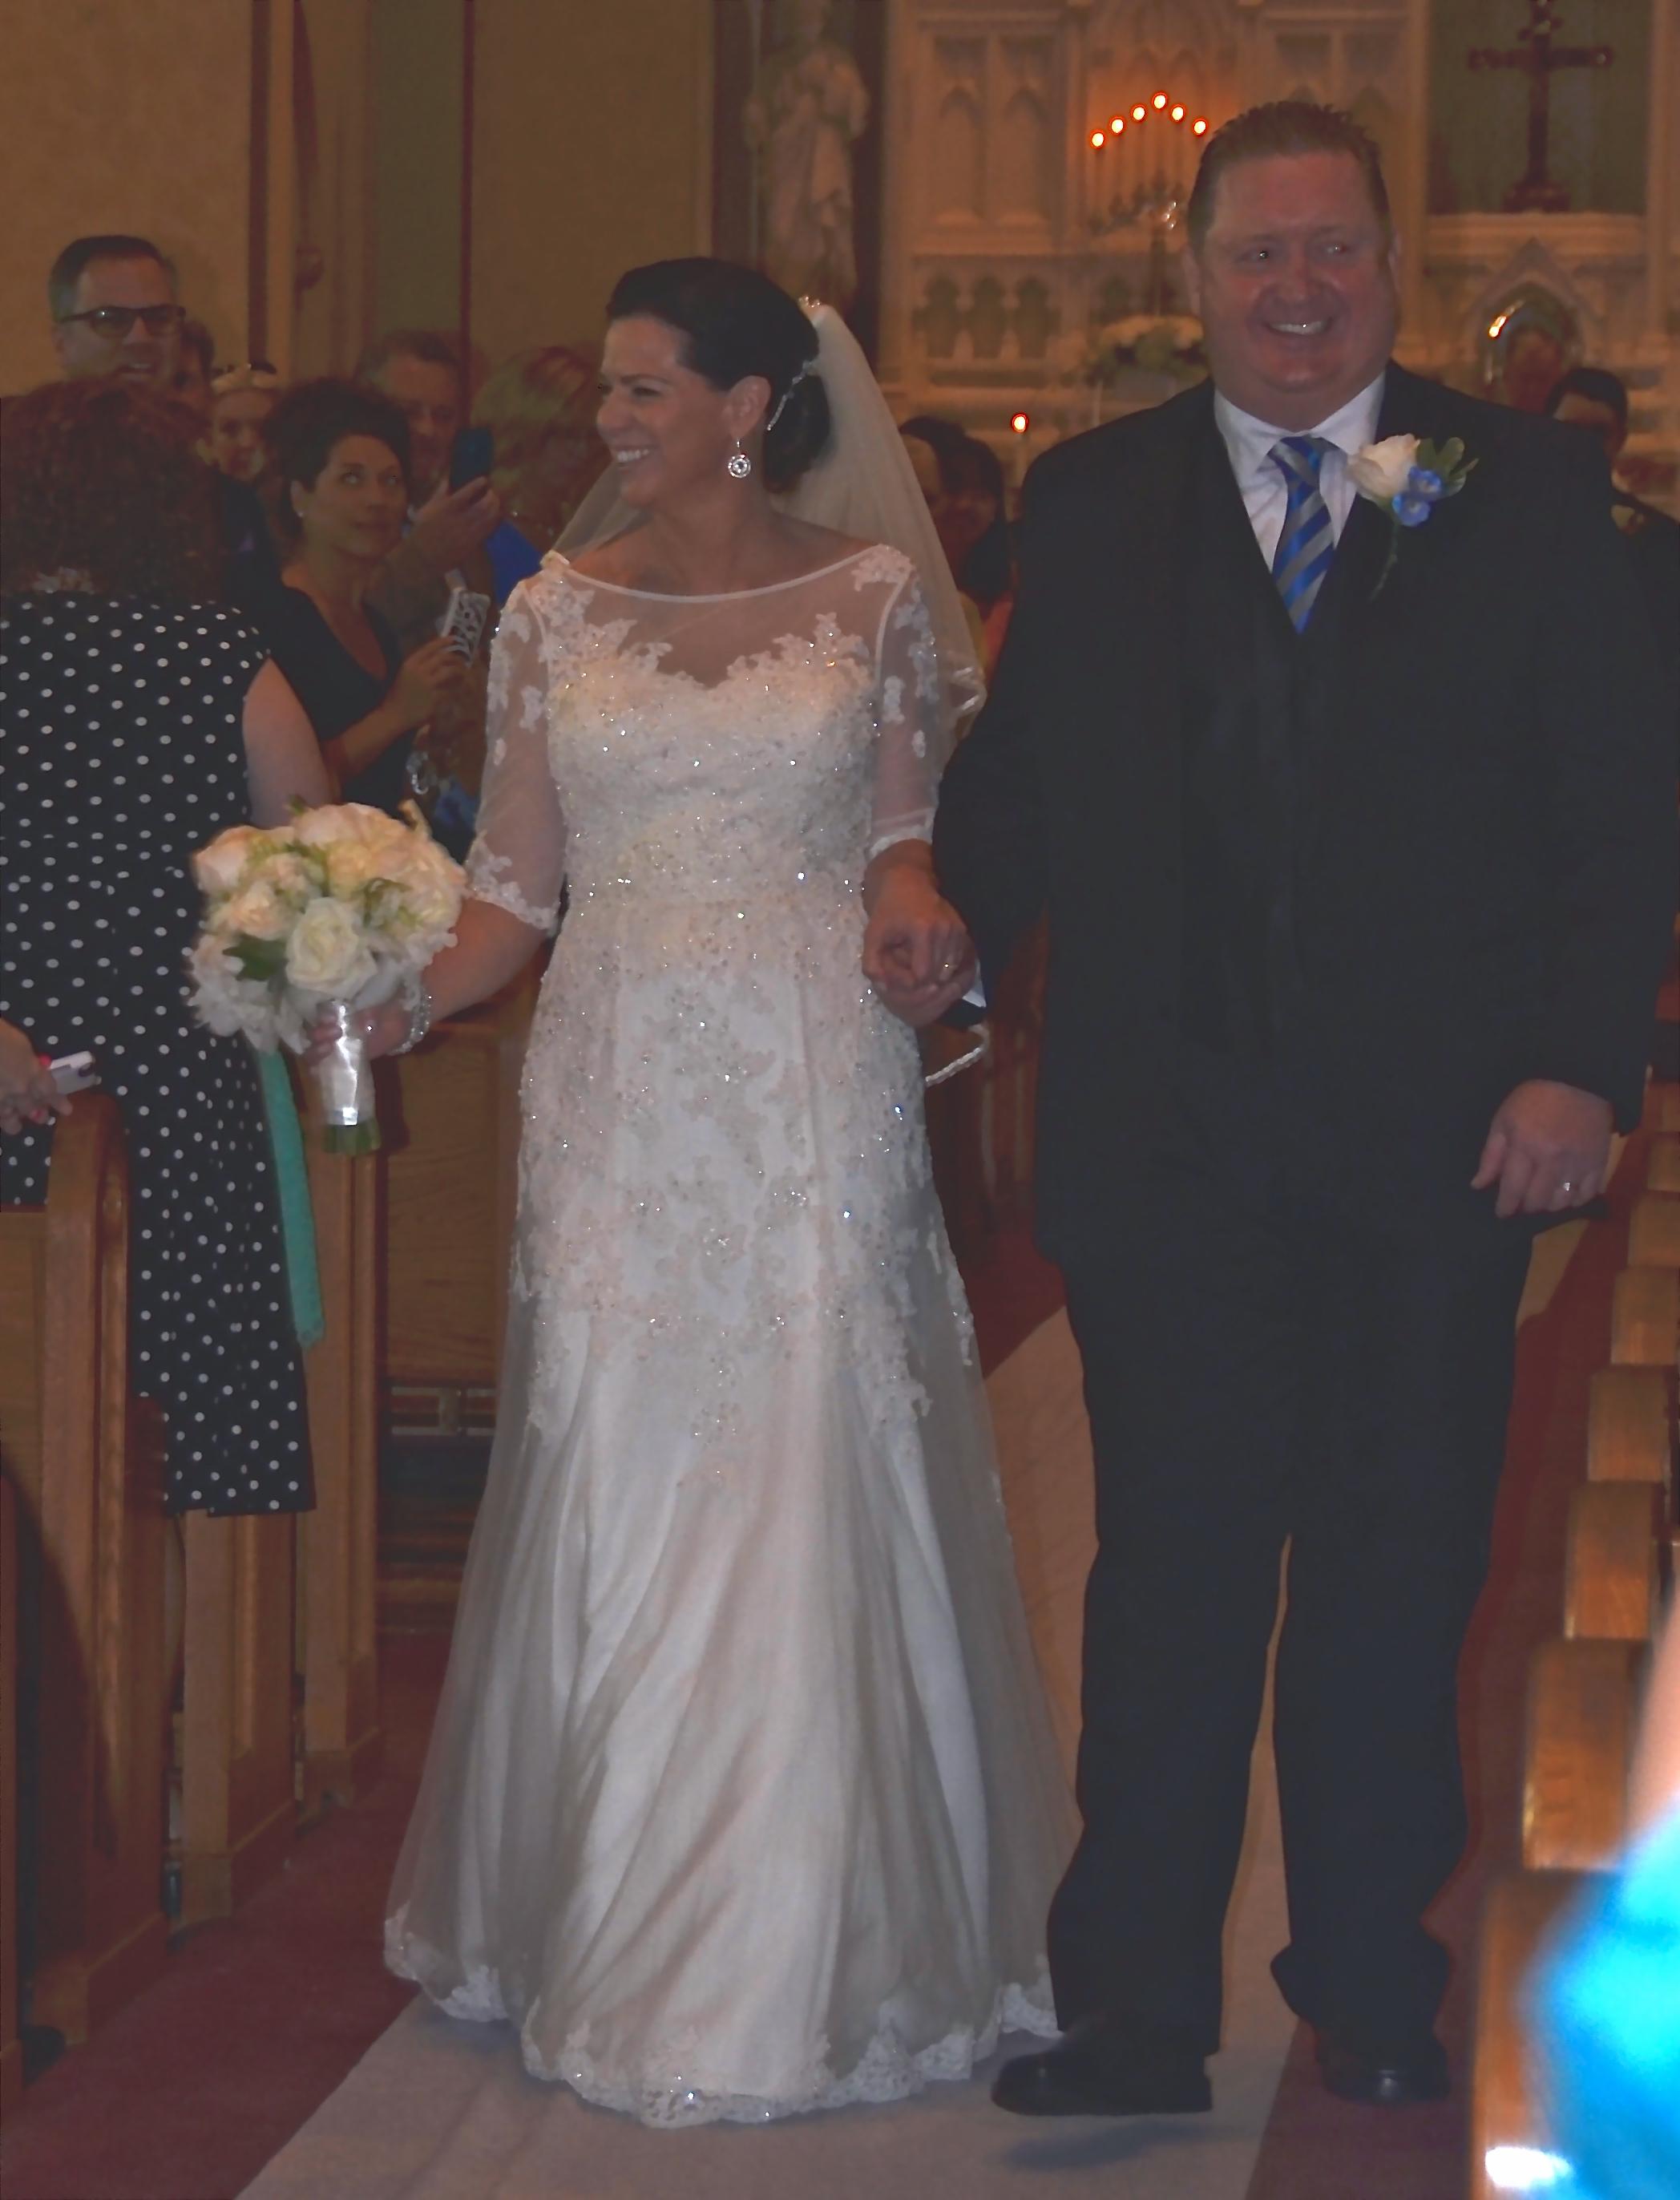 2015 wedding siobhan and eddie.jpg